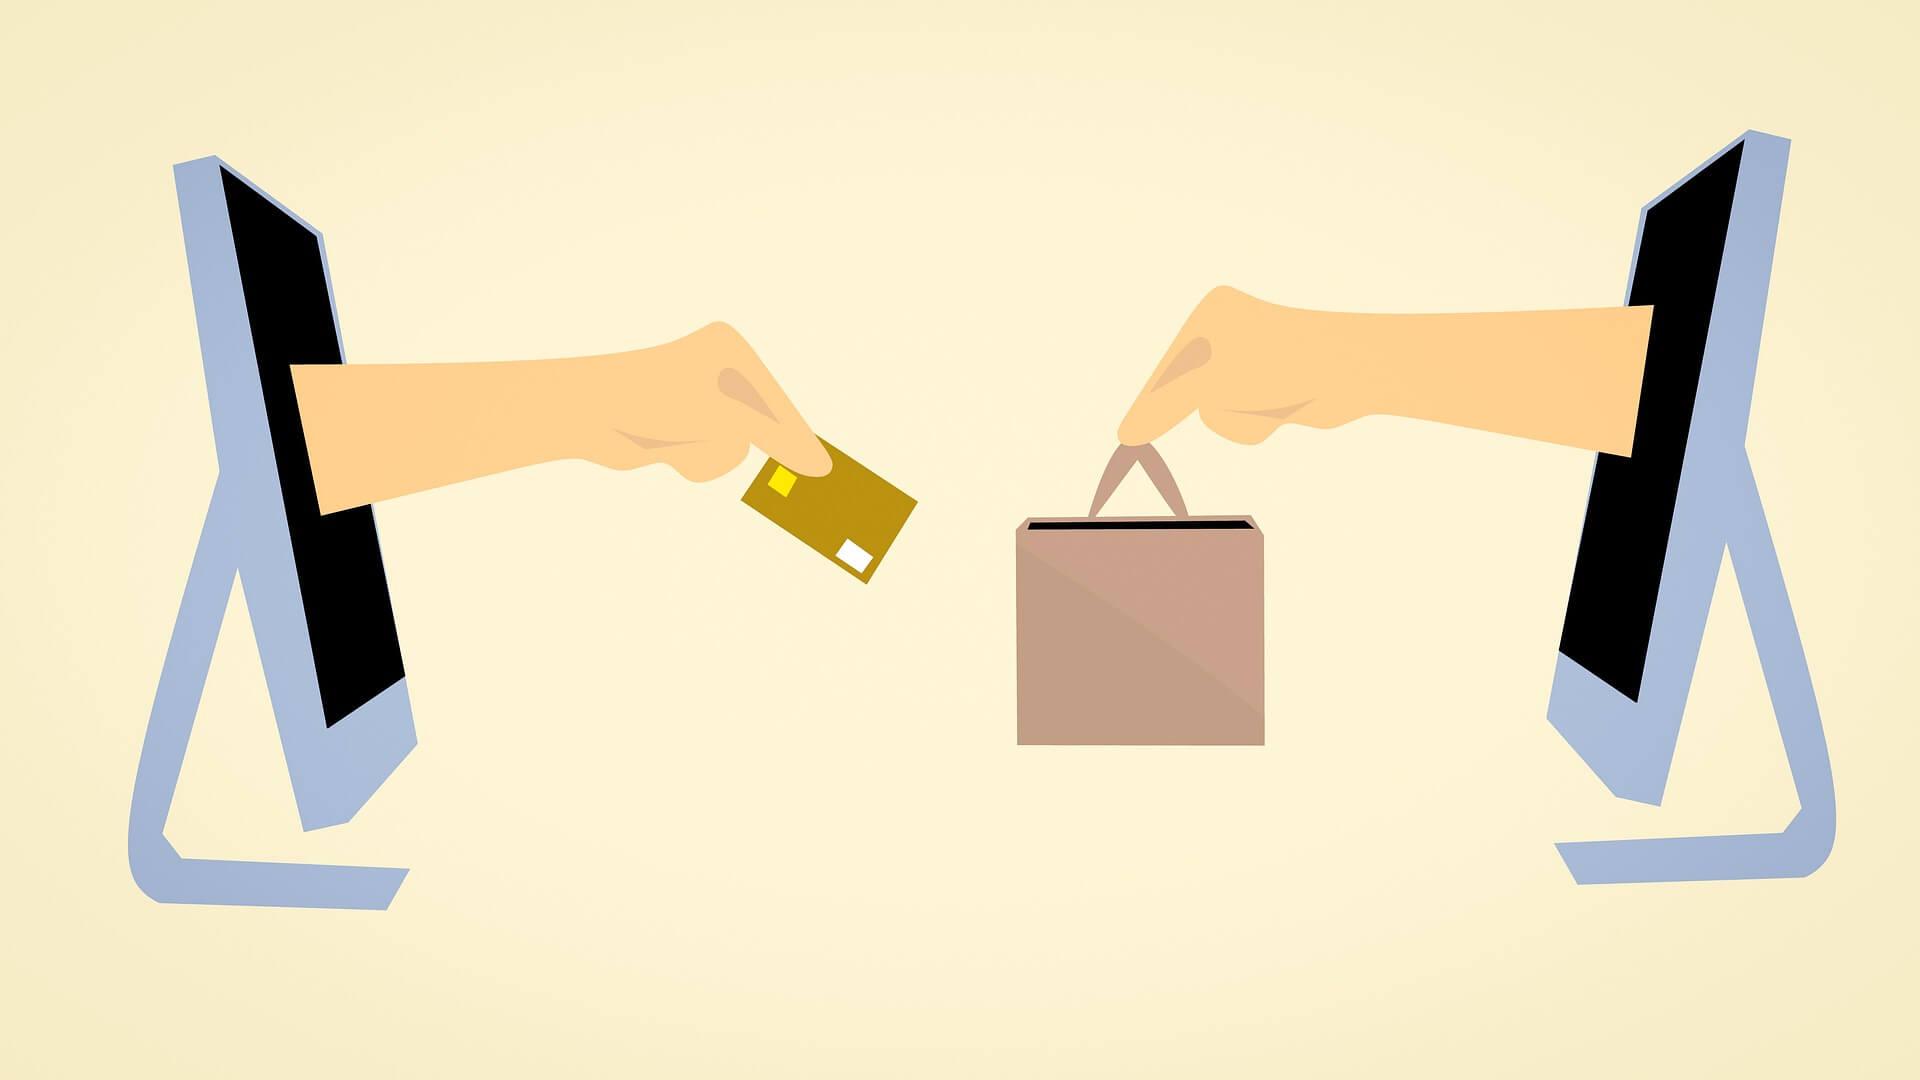 Bảng giá dịch vụ mua hộ hàng Nhật hiện nay